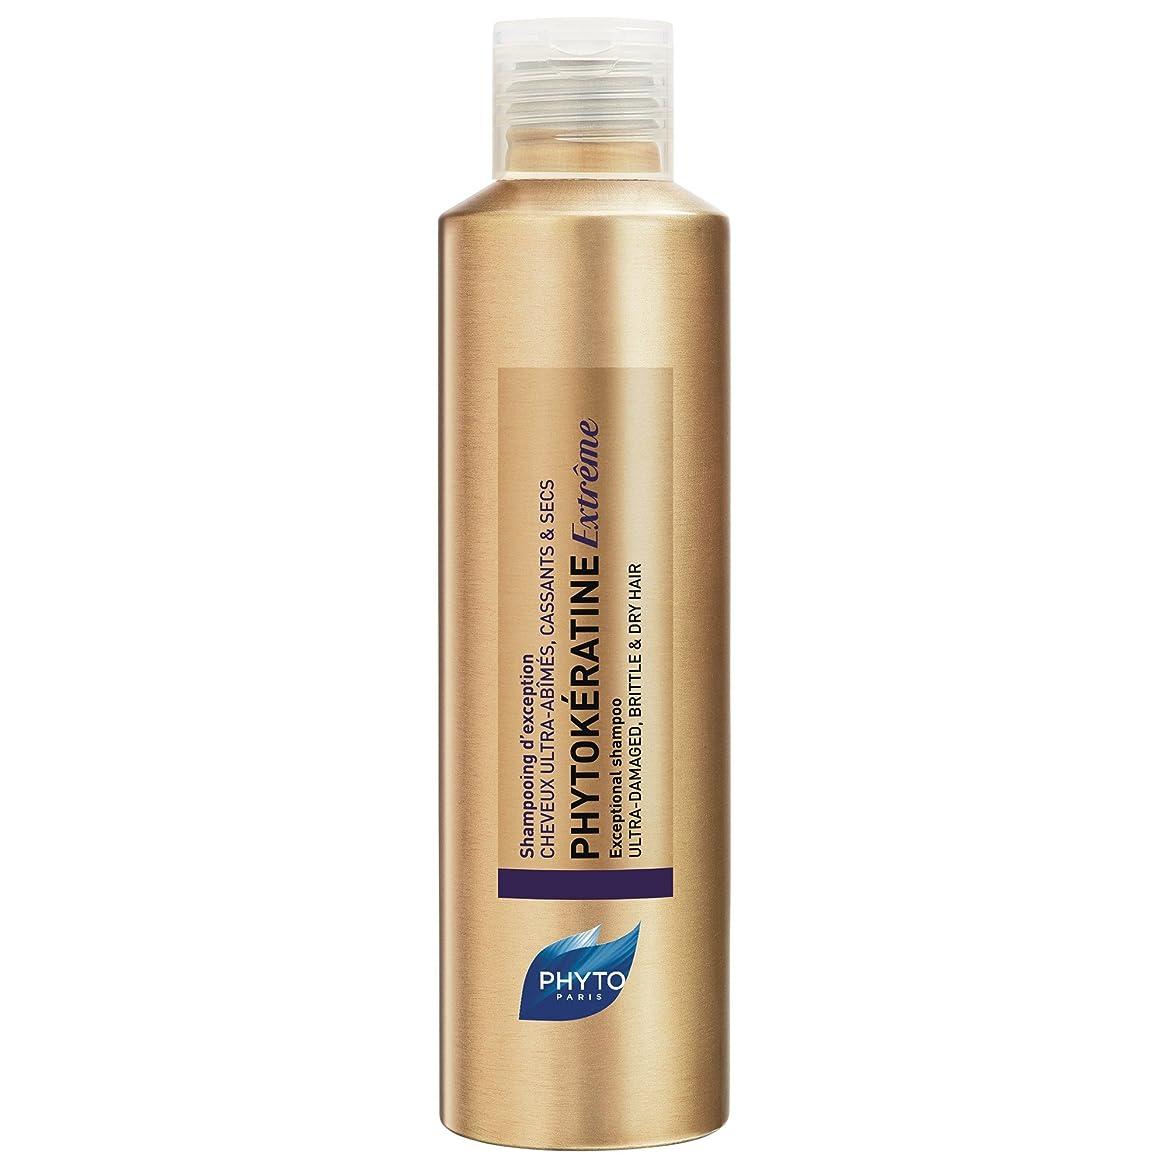 彼自身裂け目頼むフィトPhytokeratine極端なシャンプー200ミリリットル (Phyto) (x2) - Phyto Phytokeratine Extreme Shampoo 200ml (Pack of 2) [並行輸入品]